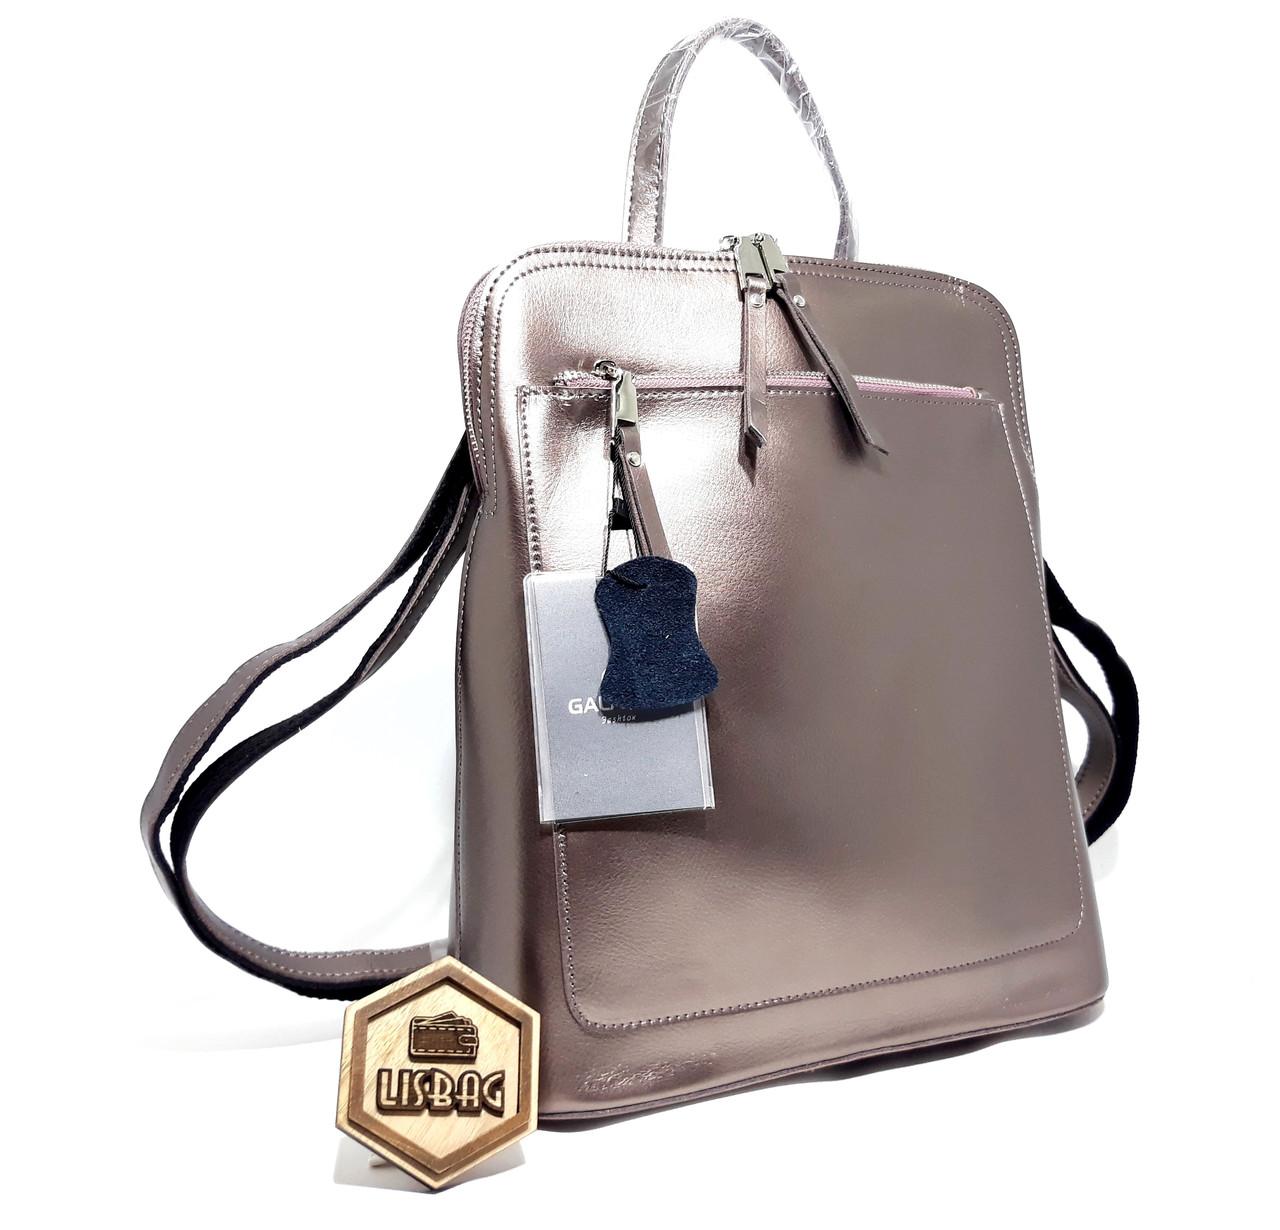 5d2f74e09d63 Женский кожаный рюкзак-сумка, Серебро модельный ряд 2019 года ...